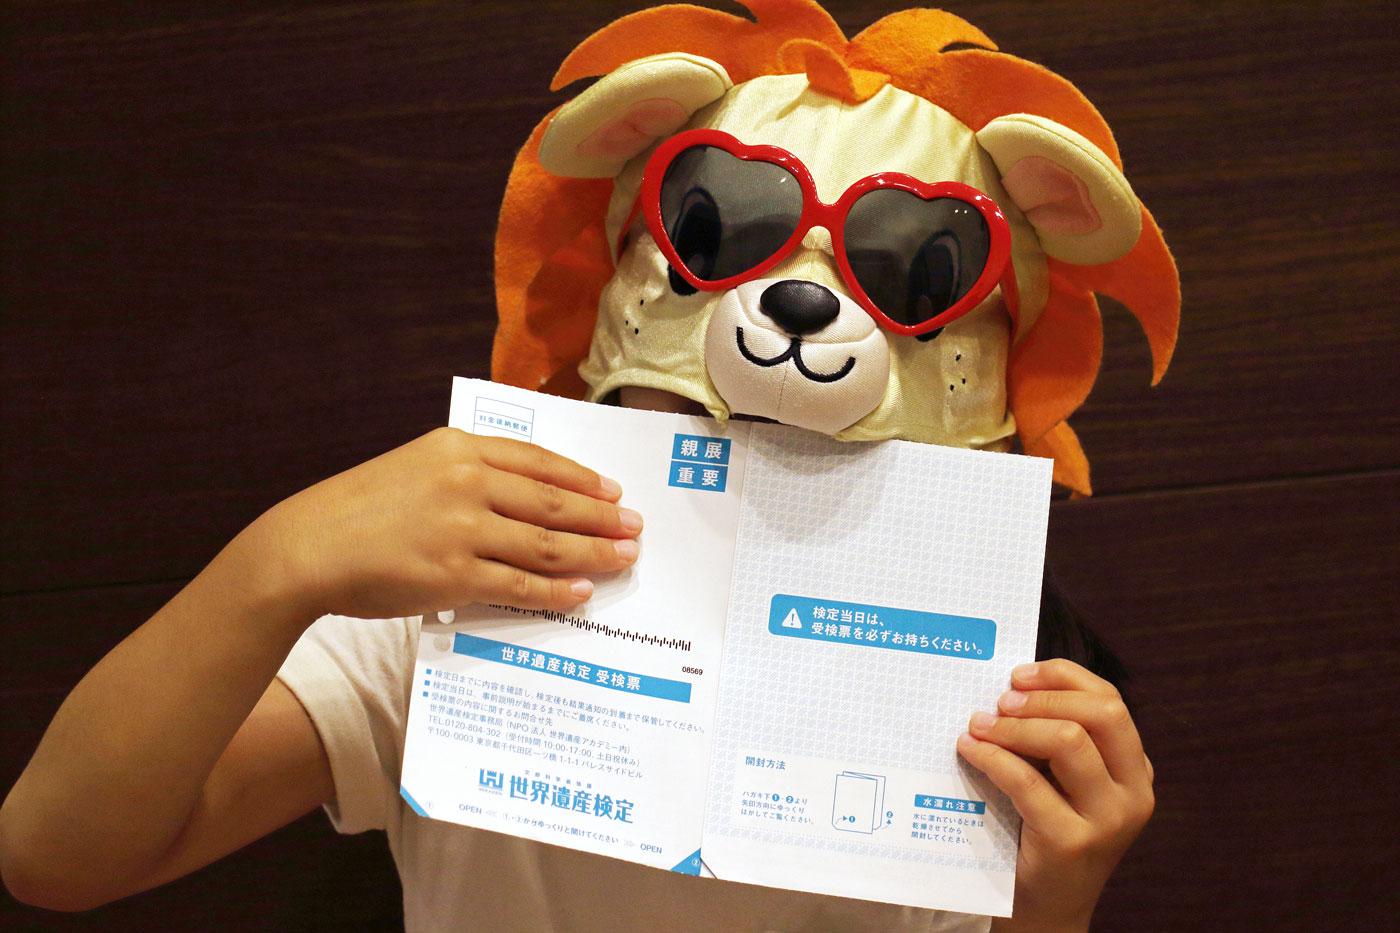 6歳で世界遺産検定4級挑戦![8] 受検票到着!試験まであと1週間!